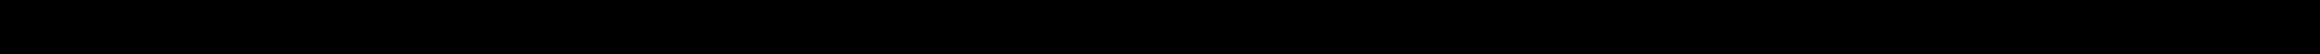 BOSCH 030 115 561 AB, 04E 115 561 B, 04E 115 561 H, OF-VW-3, P 3318 Olejový filtr